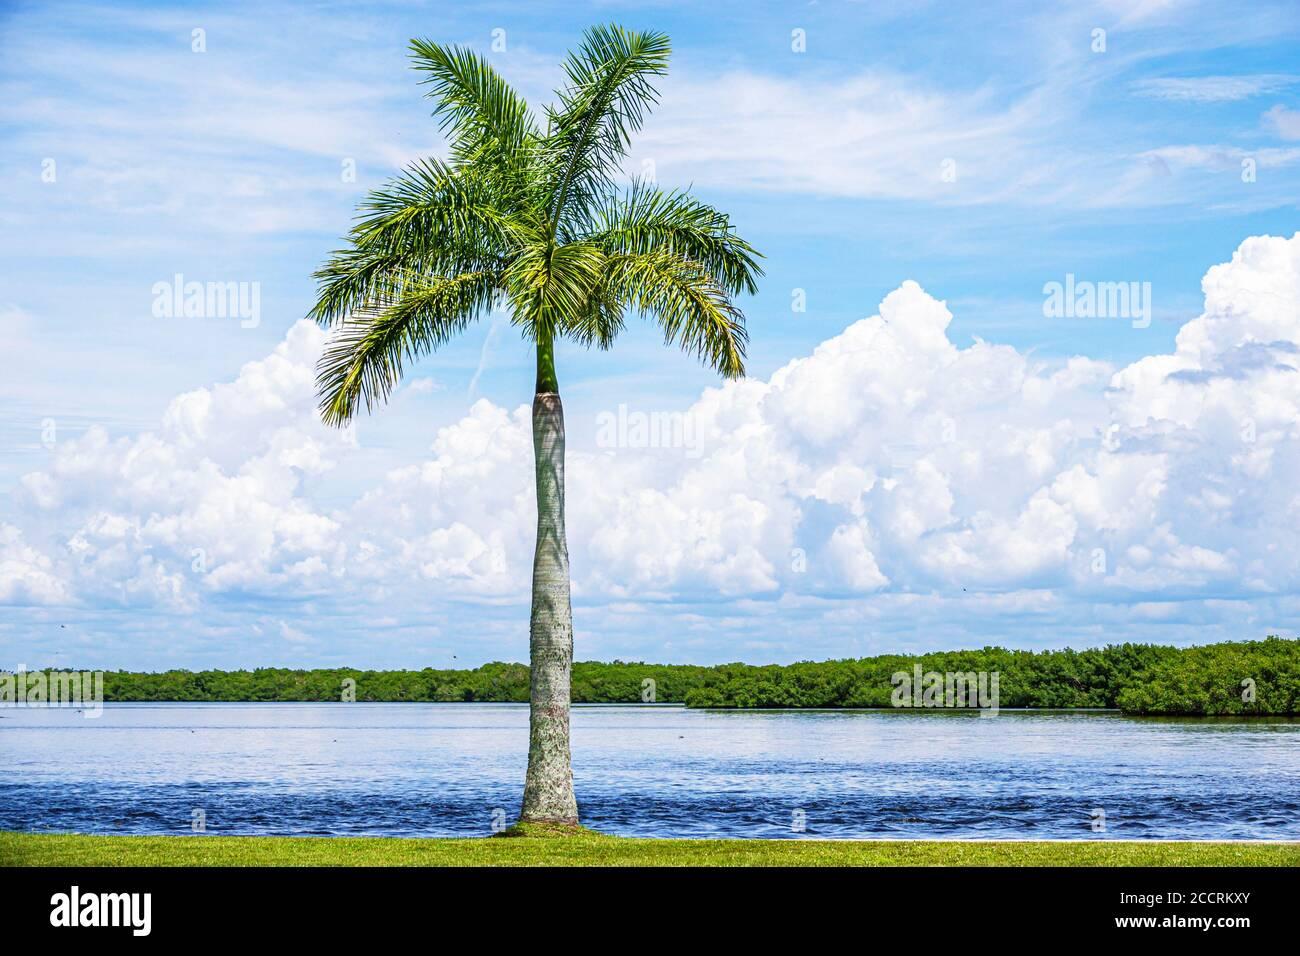 Floride Matlacha Isles Shores Matlacha Pass Aquatic Preserve mangrove Island eau de palmier au bord de l'eau Banque D'Images